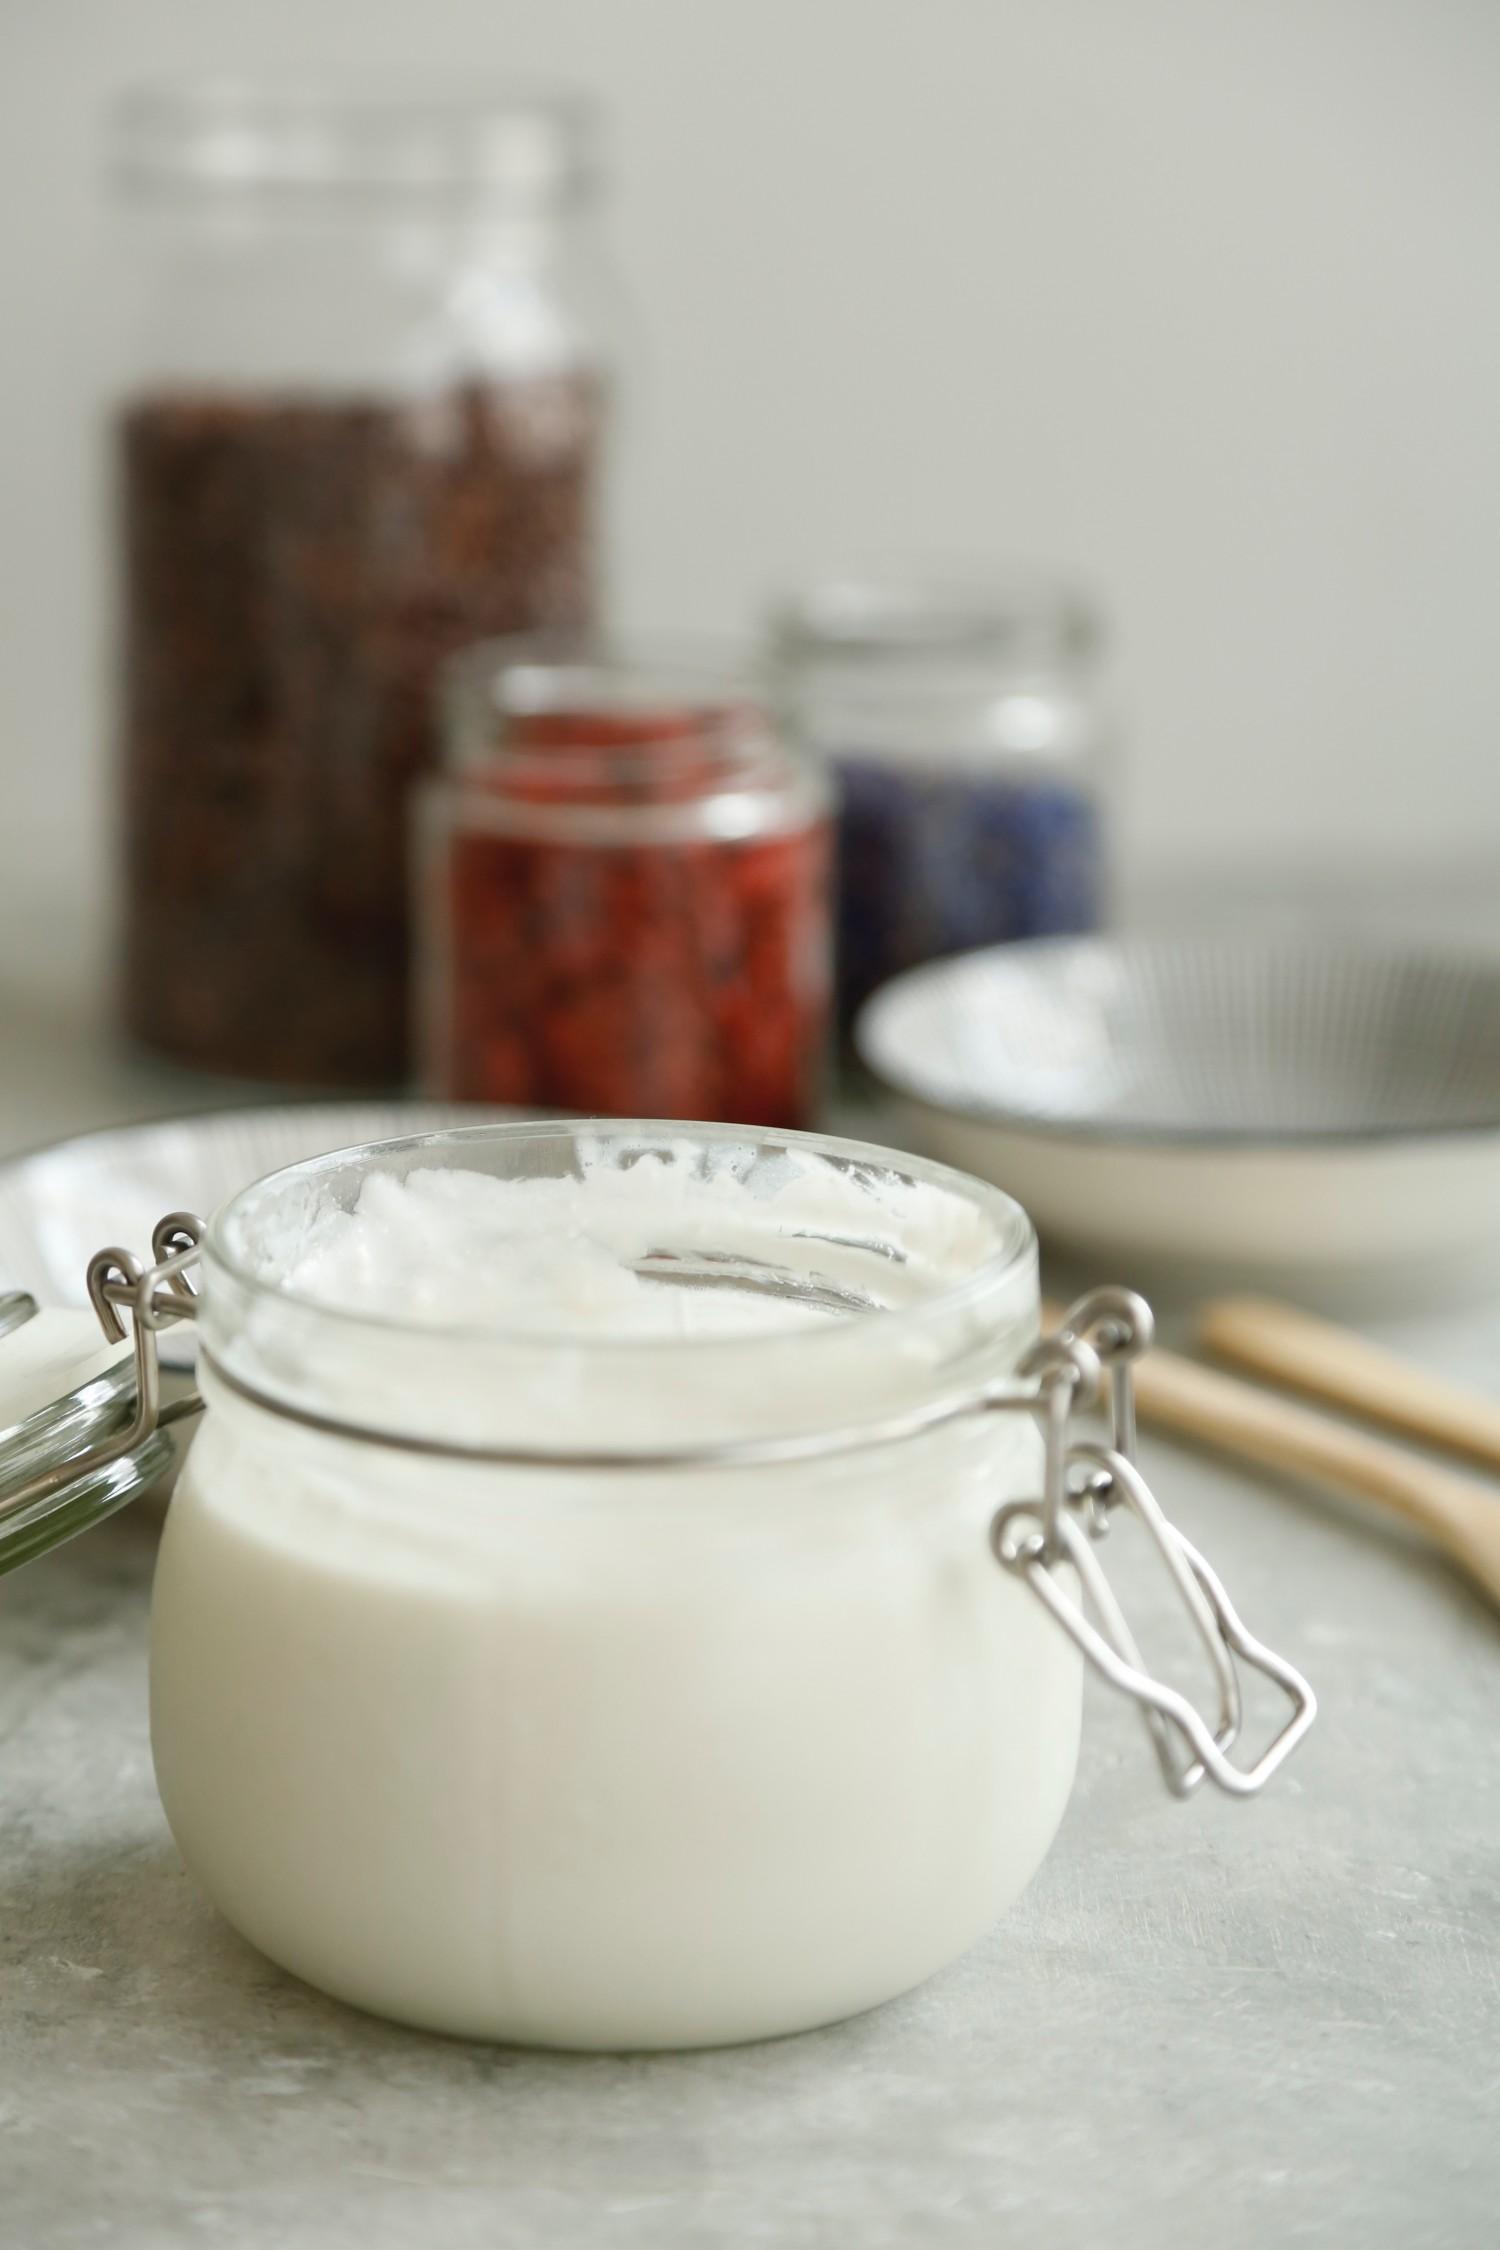 Hjemmelavet kokosyoghurt med kun 2 ingredienser2